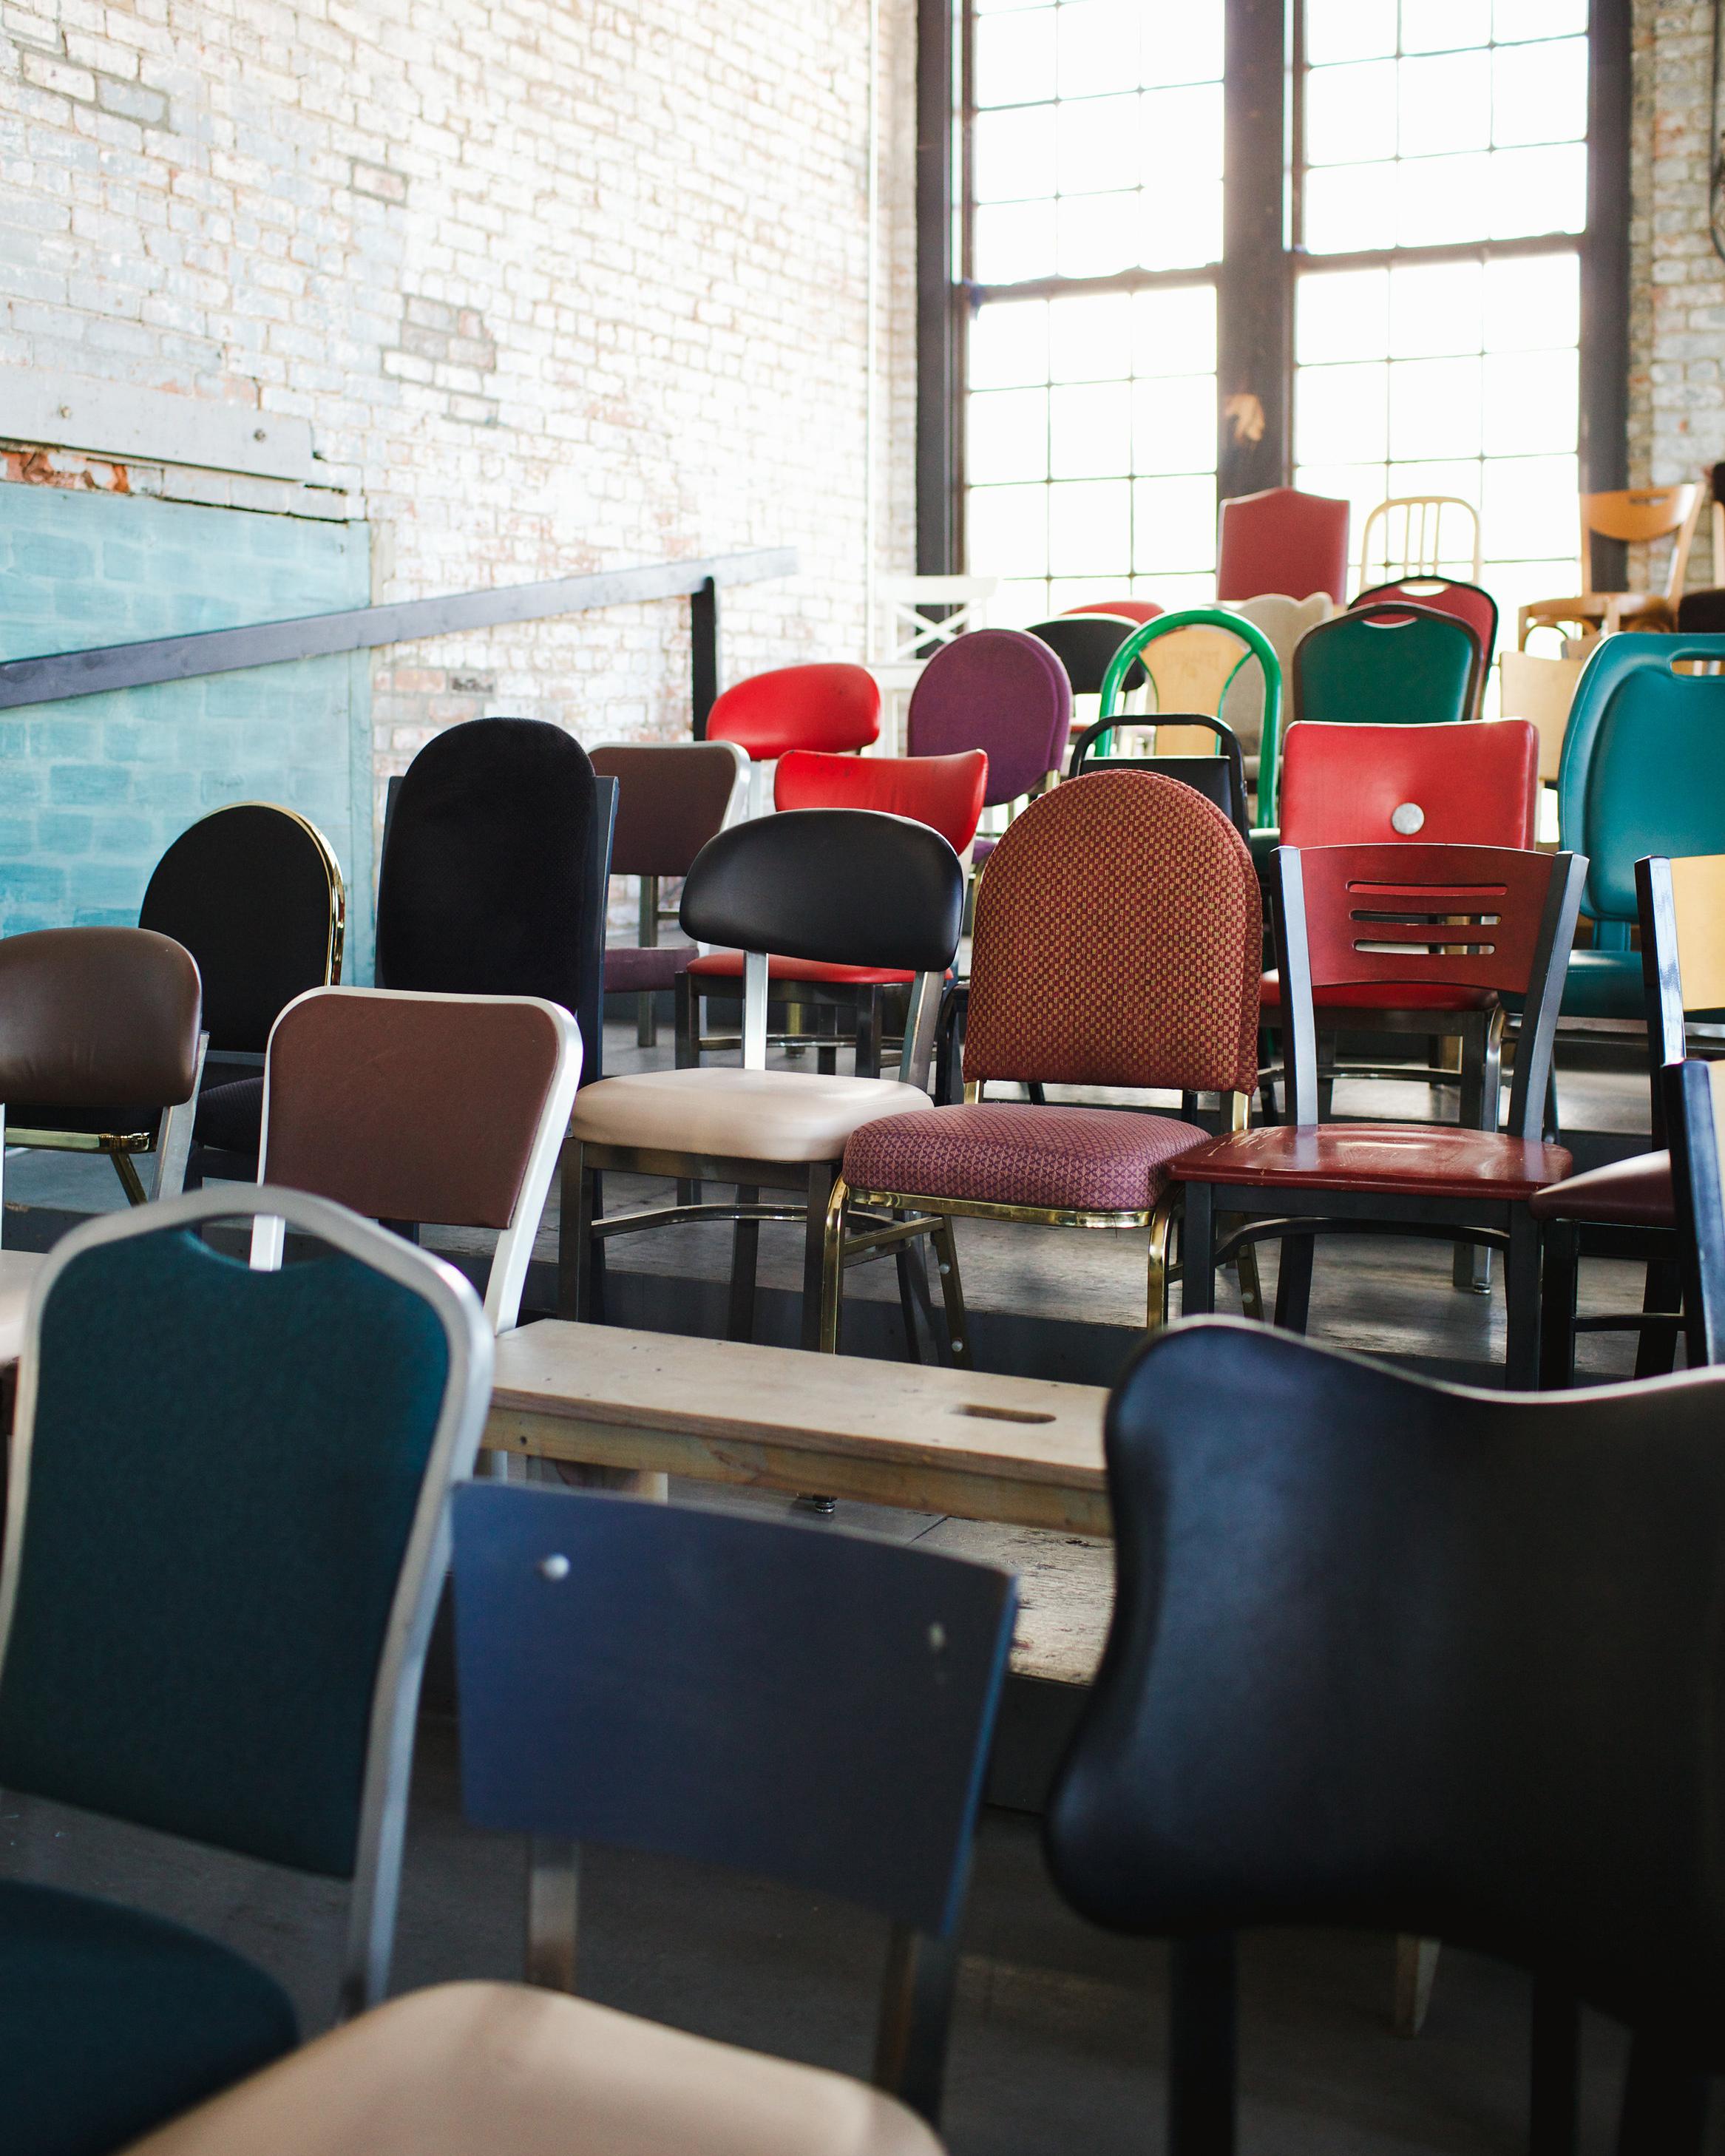 lauren-jake-wedding-chairs-6986-s111838-0315.jpg